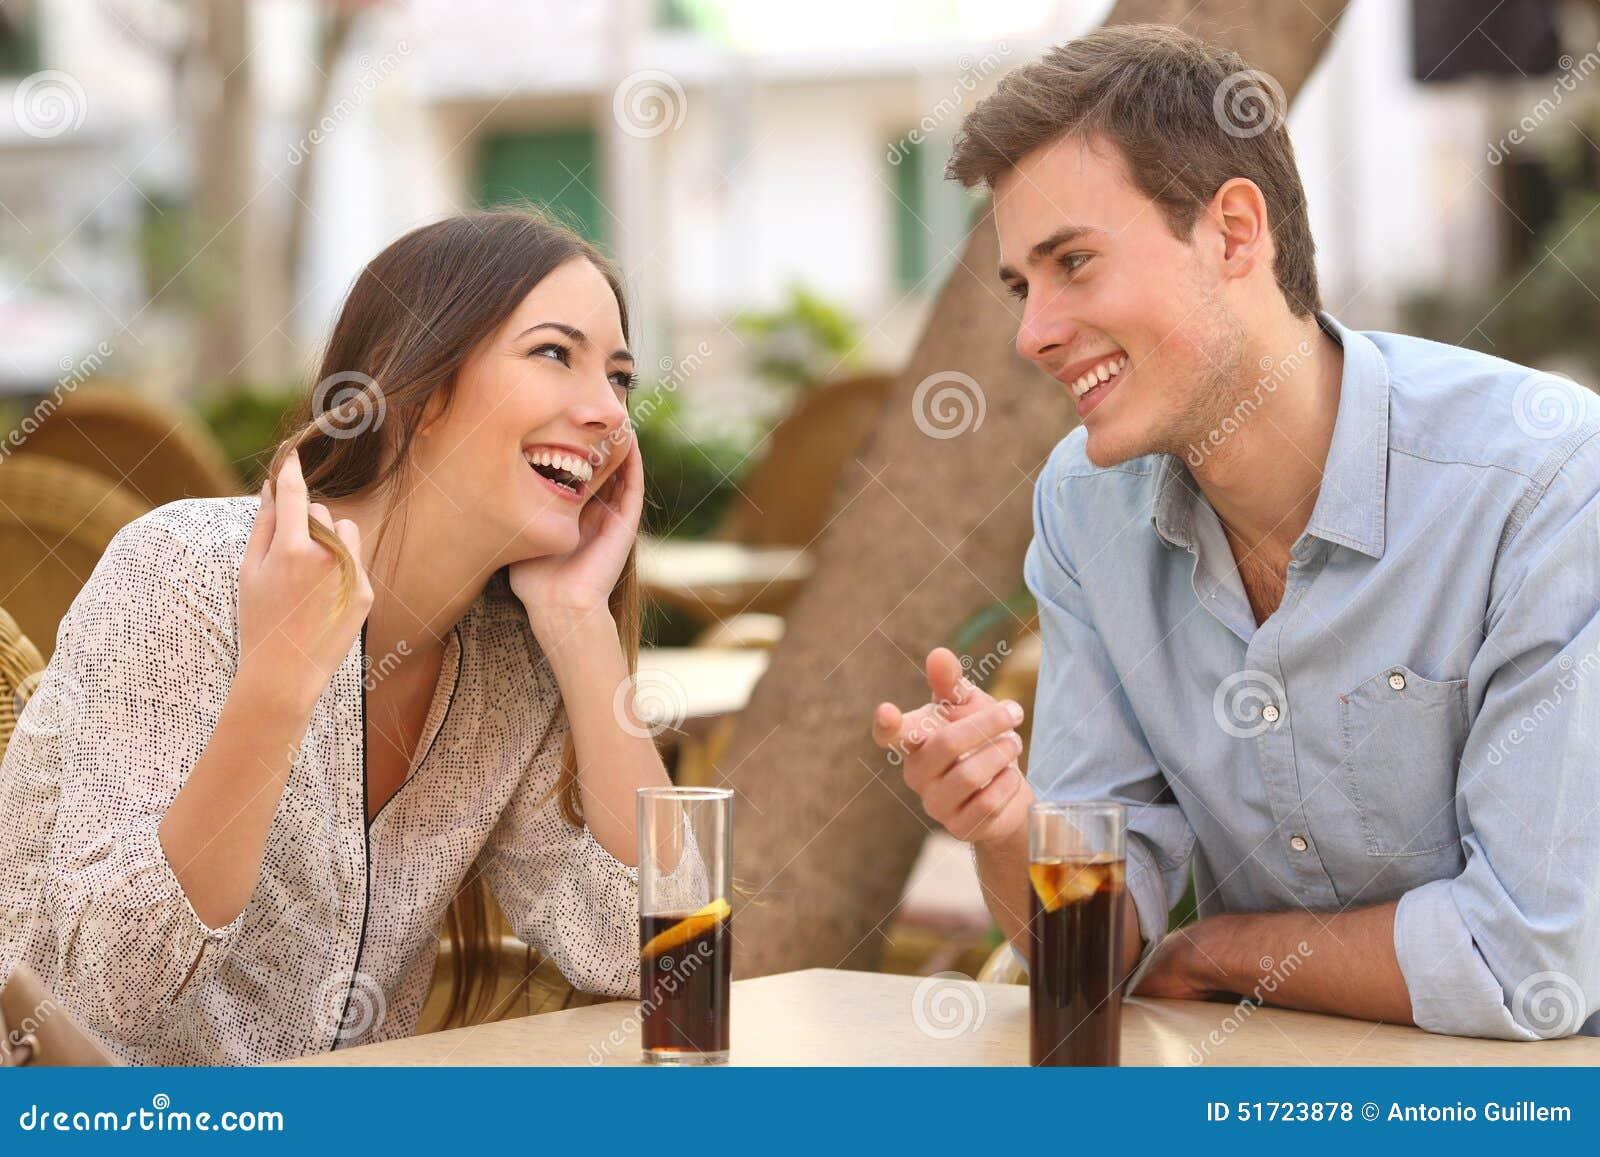 Le cushioning : être en couple mais flirter ailleurs au cas où - annempillsworth.com